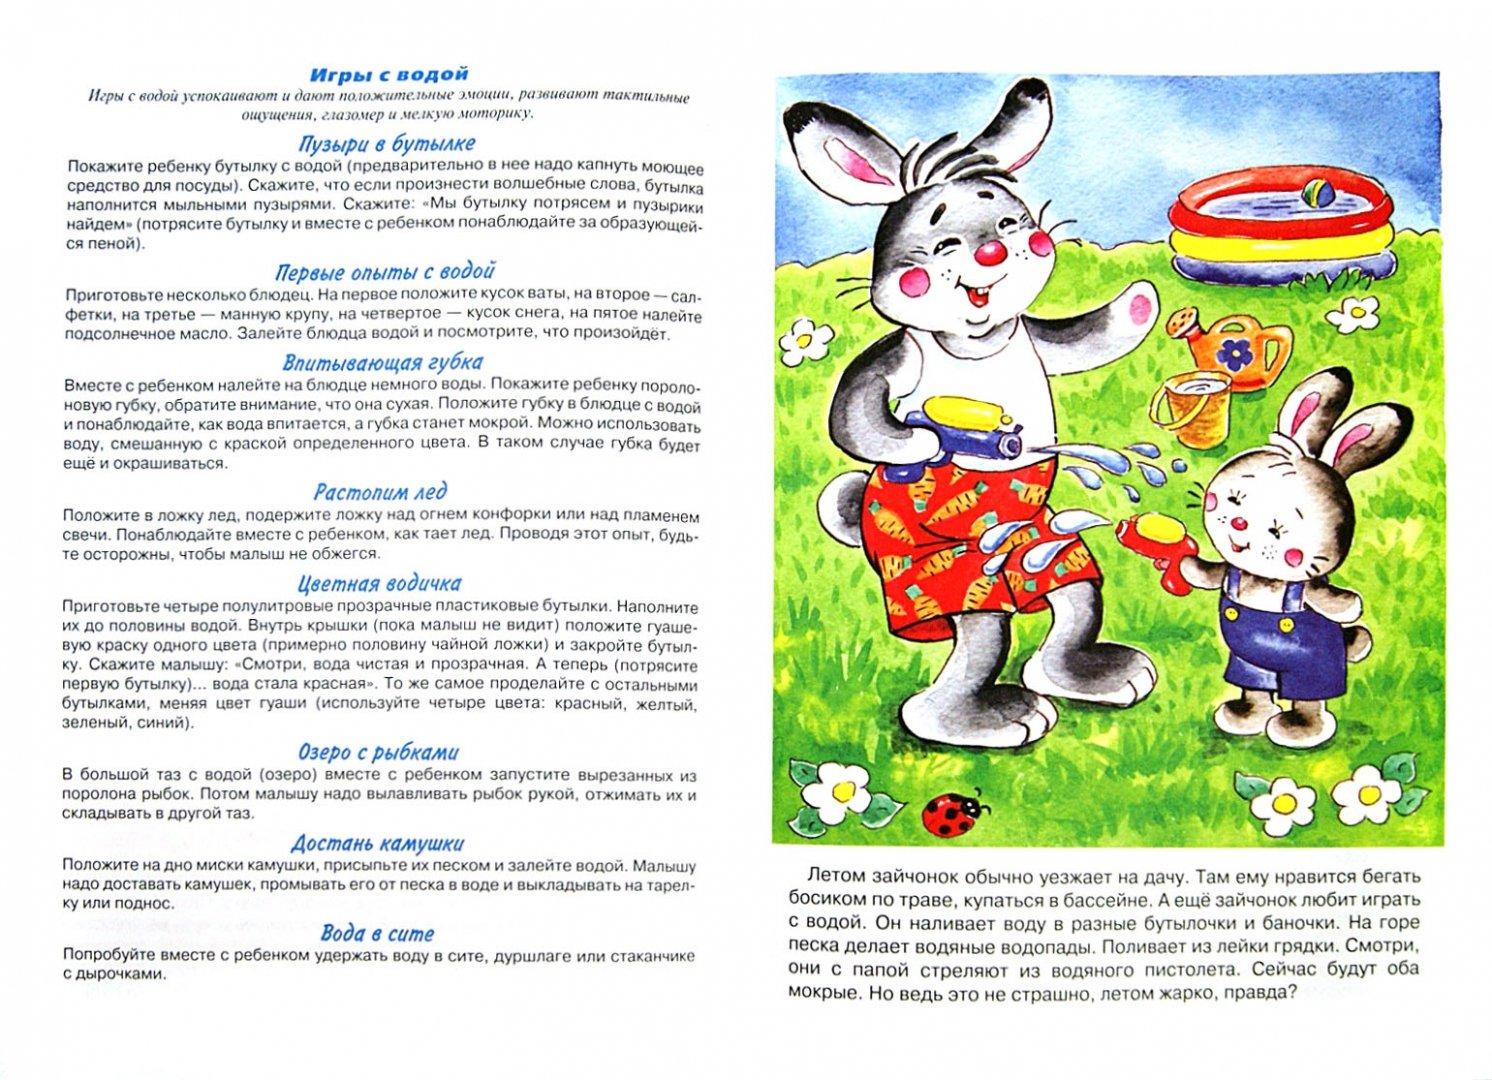 Иллюстрация 1 из 27 для Кто хороший, кто пригожий? - Дарья Колдина   Лабиринт - книги. Источник: Лабиринт